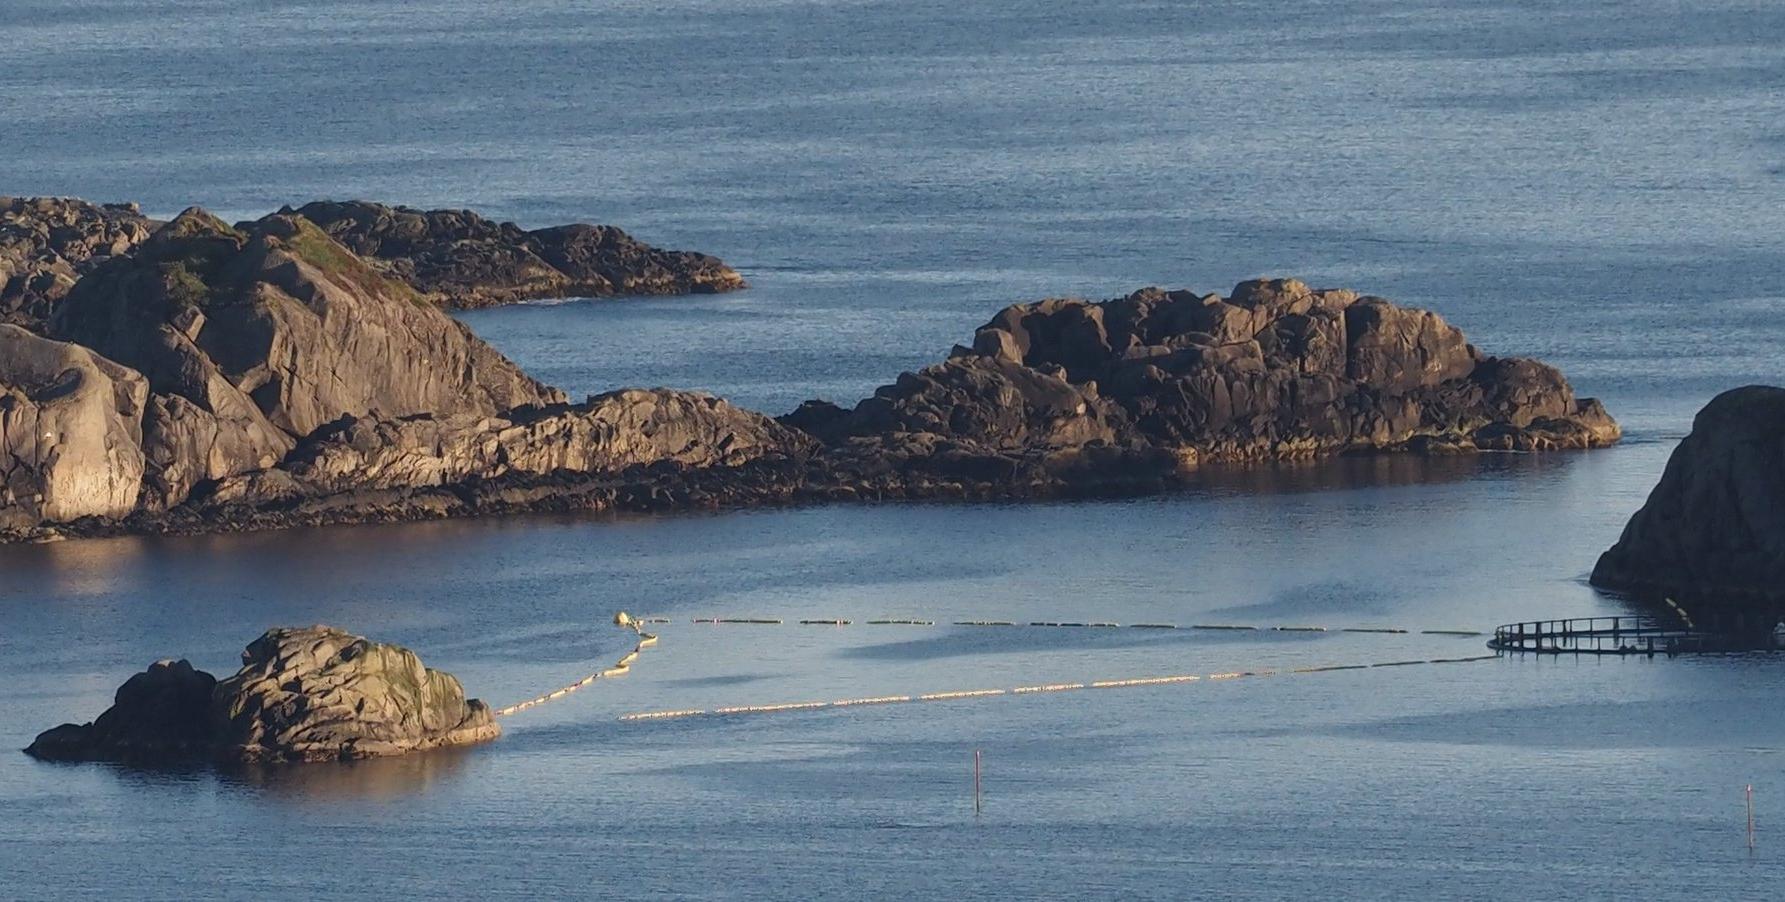 挪威政府计划捕捉年幼小须鲸进行长达六小时的声音测试 50多位科学家同声谴责